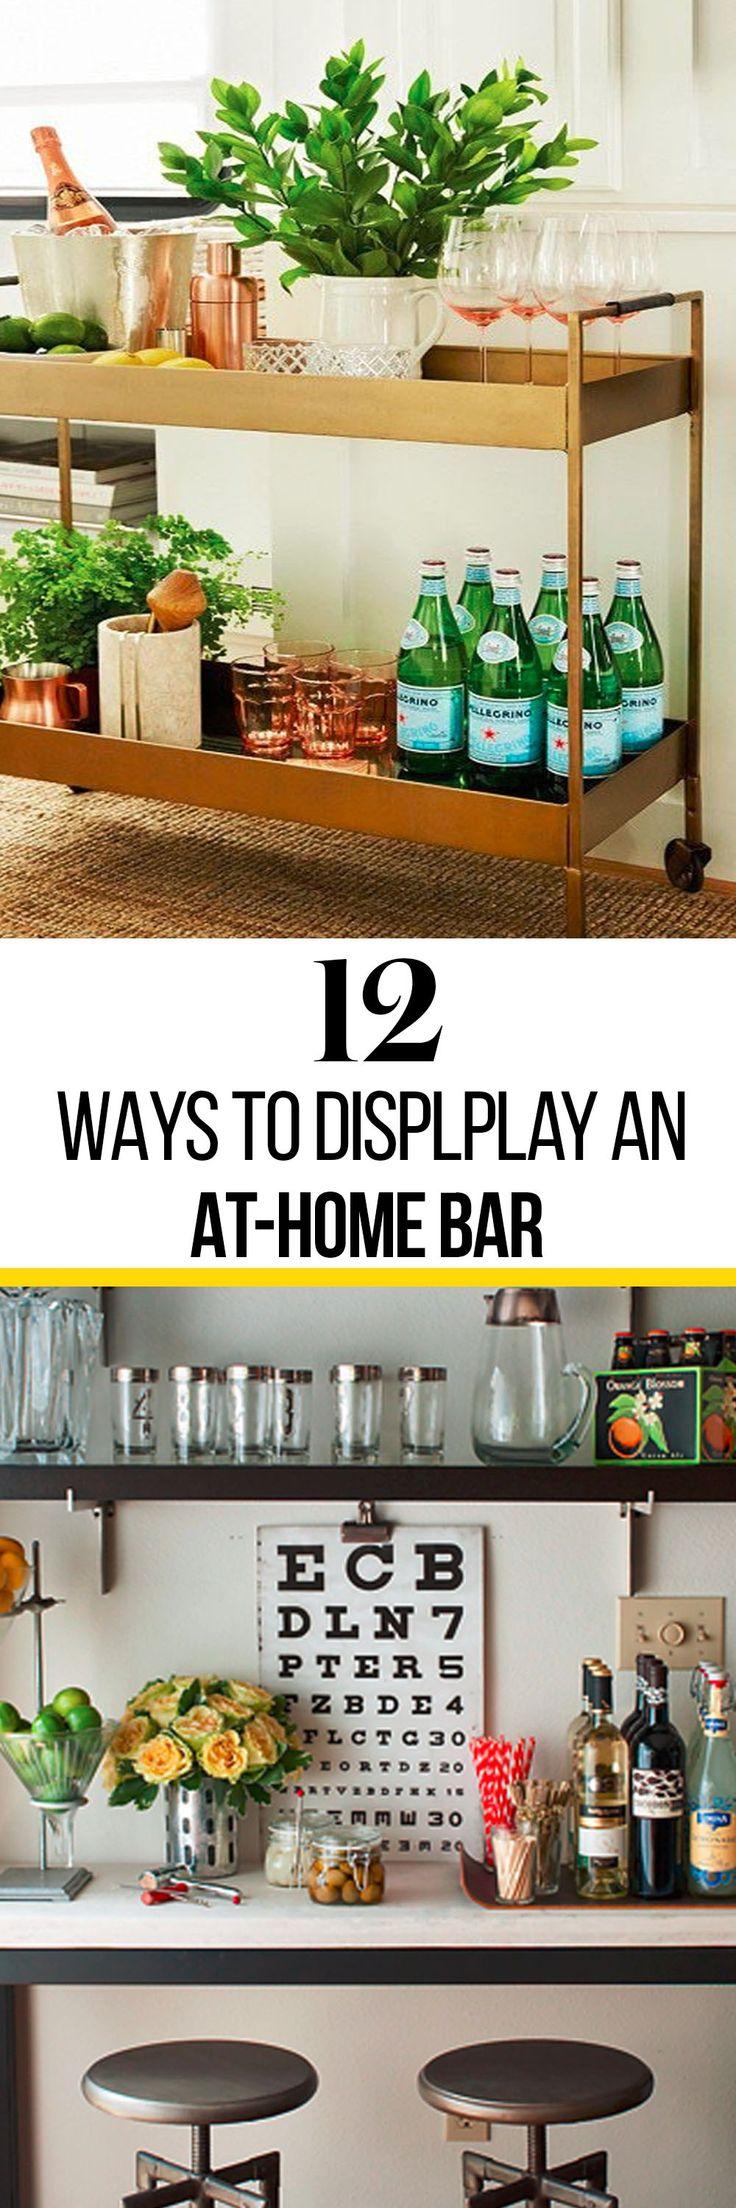 38 besten Hausbar & Drinks Bilder auf Pinterest | Barwagen Dekor ...